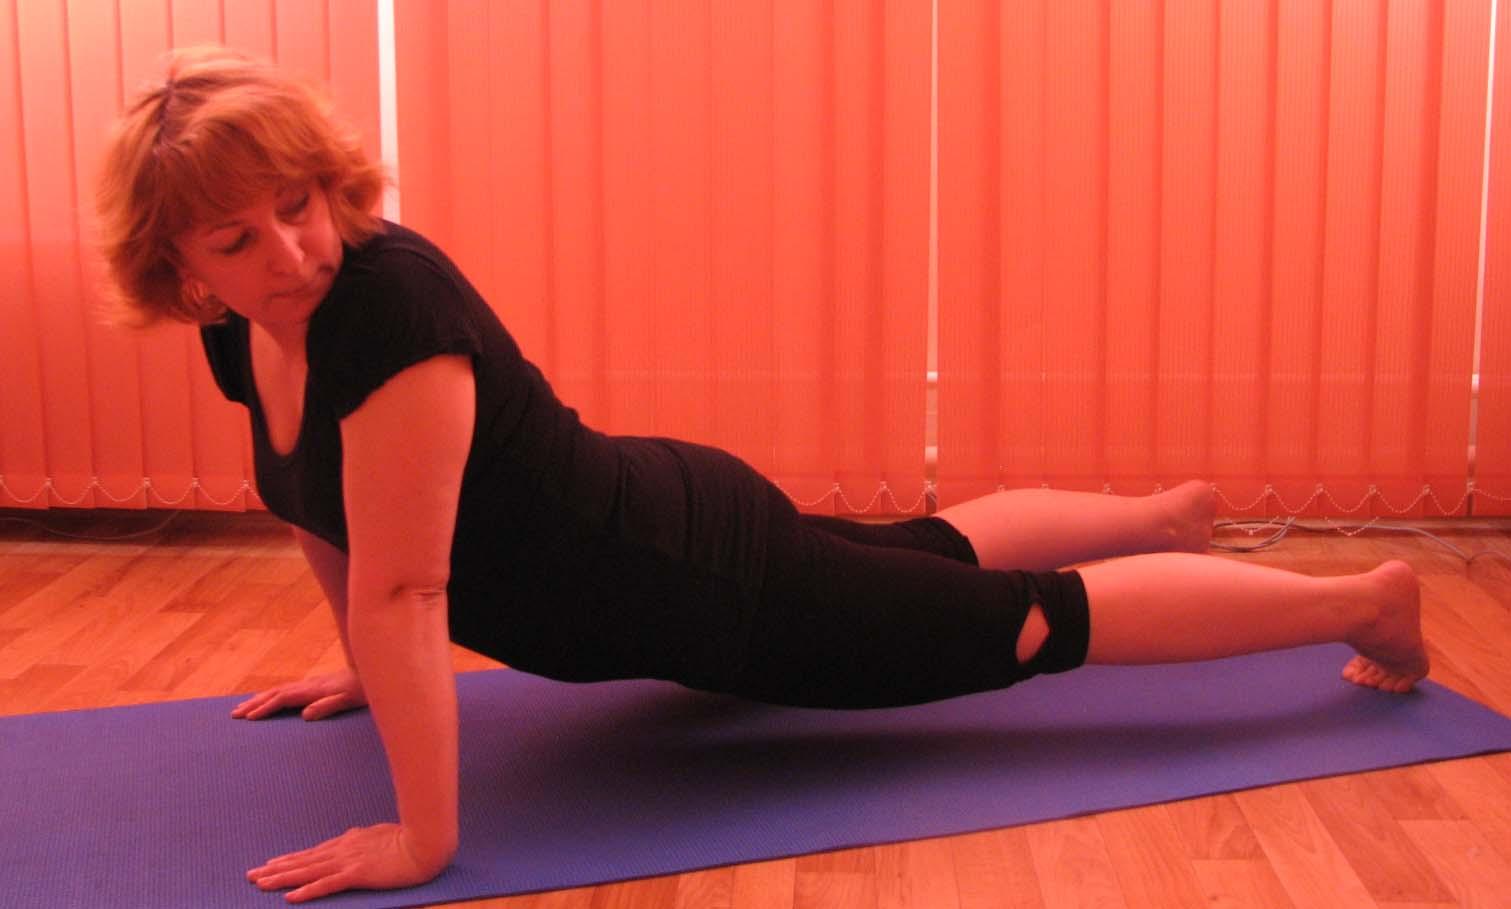 Физические упражнения повысят эффективность любой очистительной процедуры для кишечника